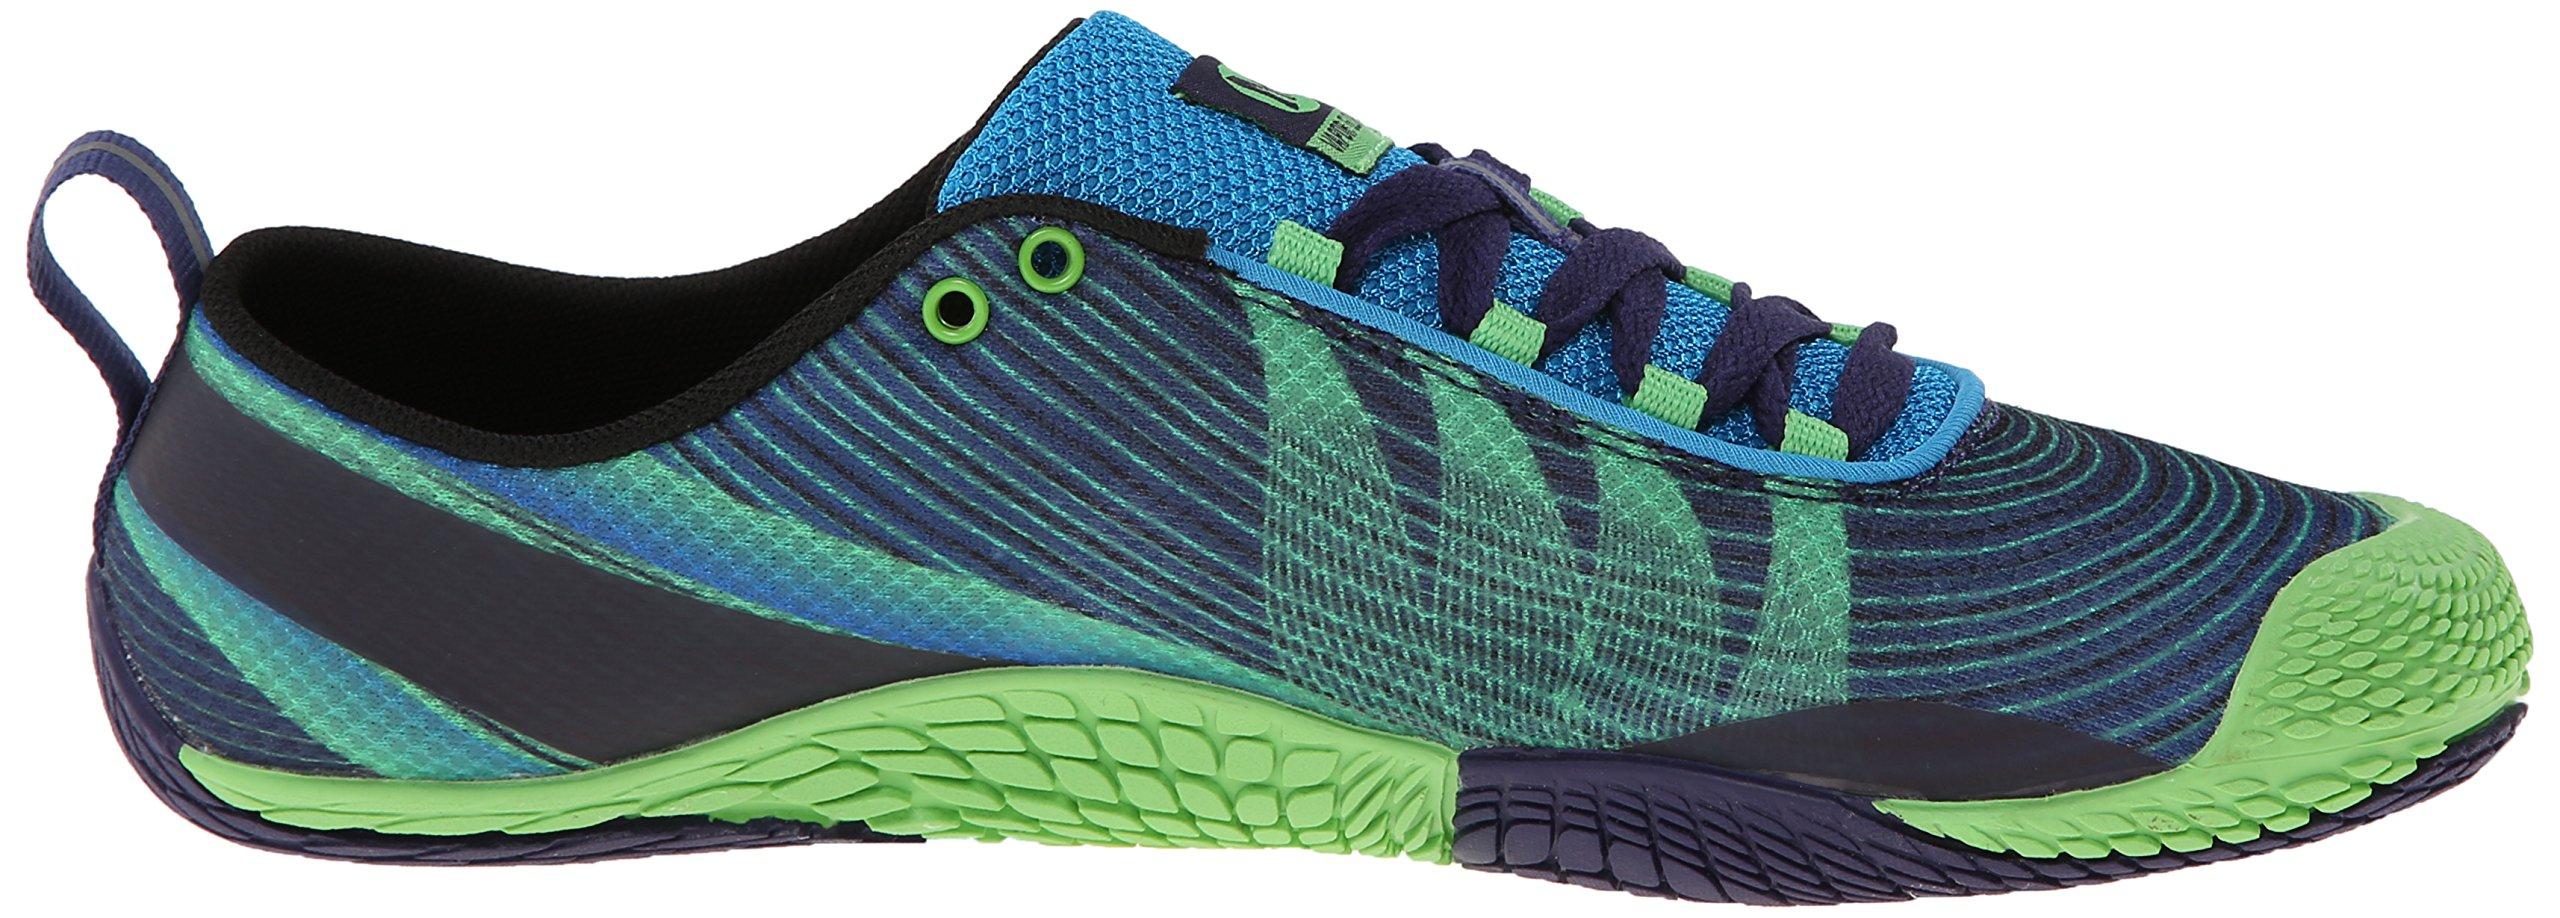 Merrell Men's Vapor Glove 2 Trail Running Shoe, Racer Blue/Bright Green, 9.5 M US by Merrell (Image #7)